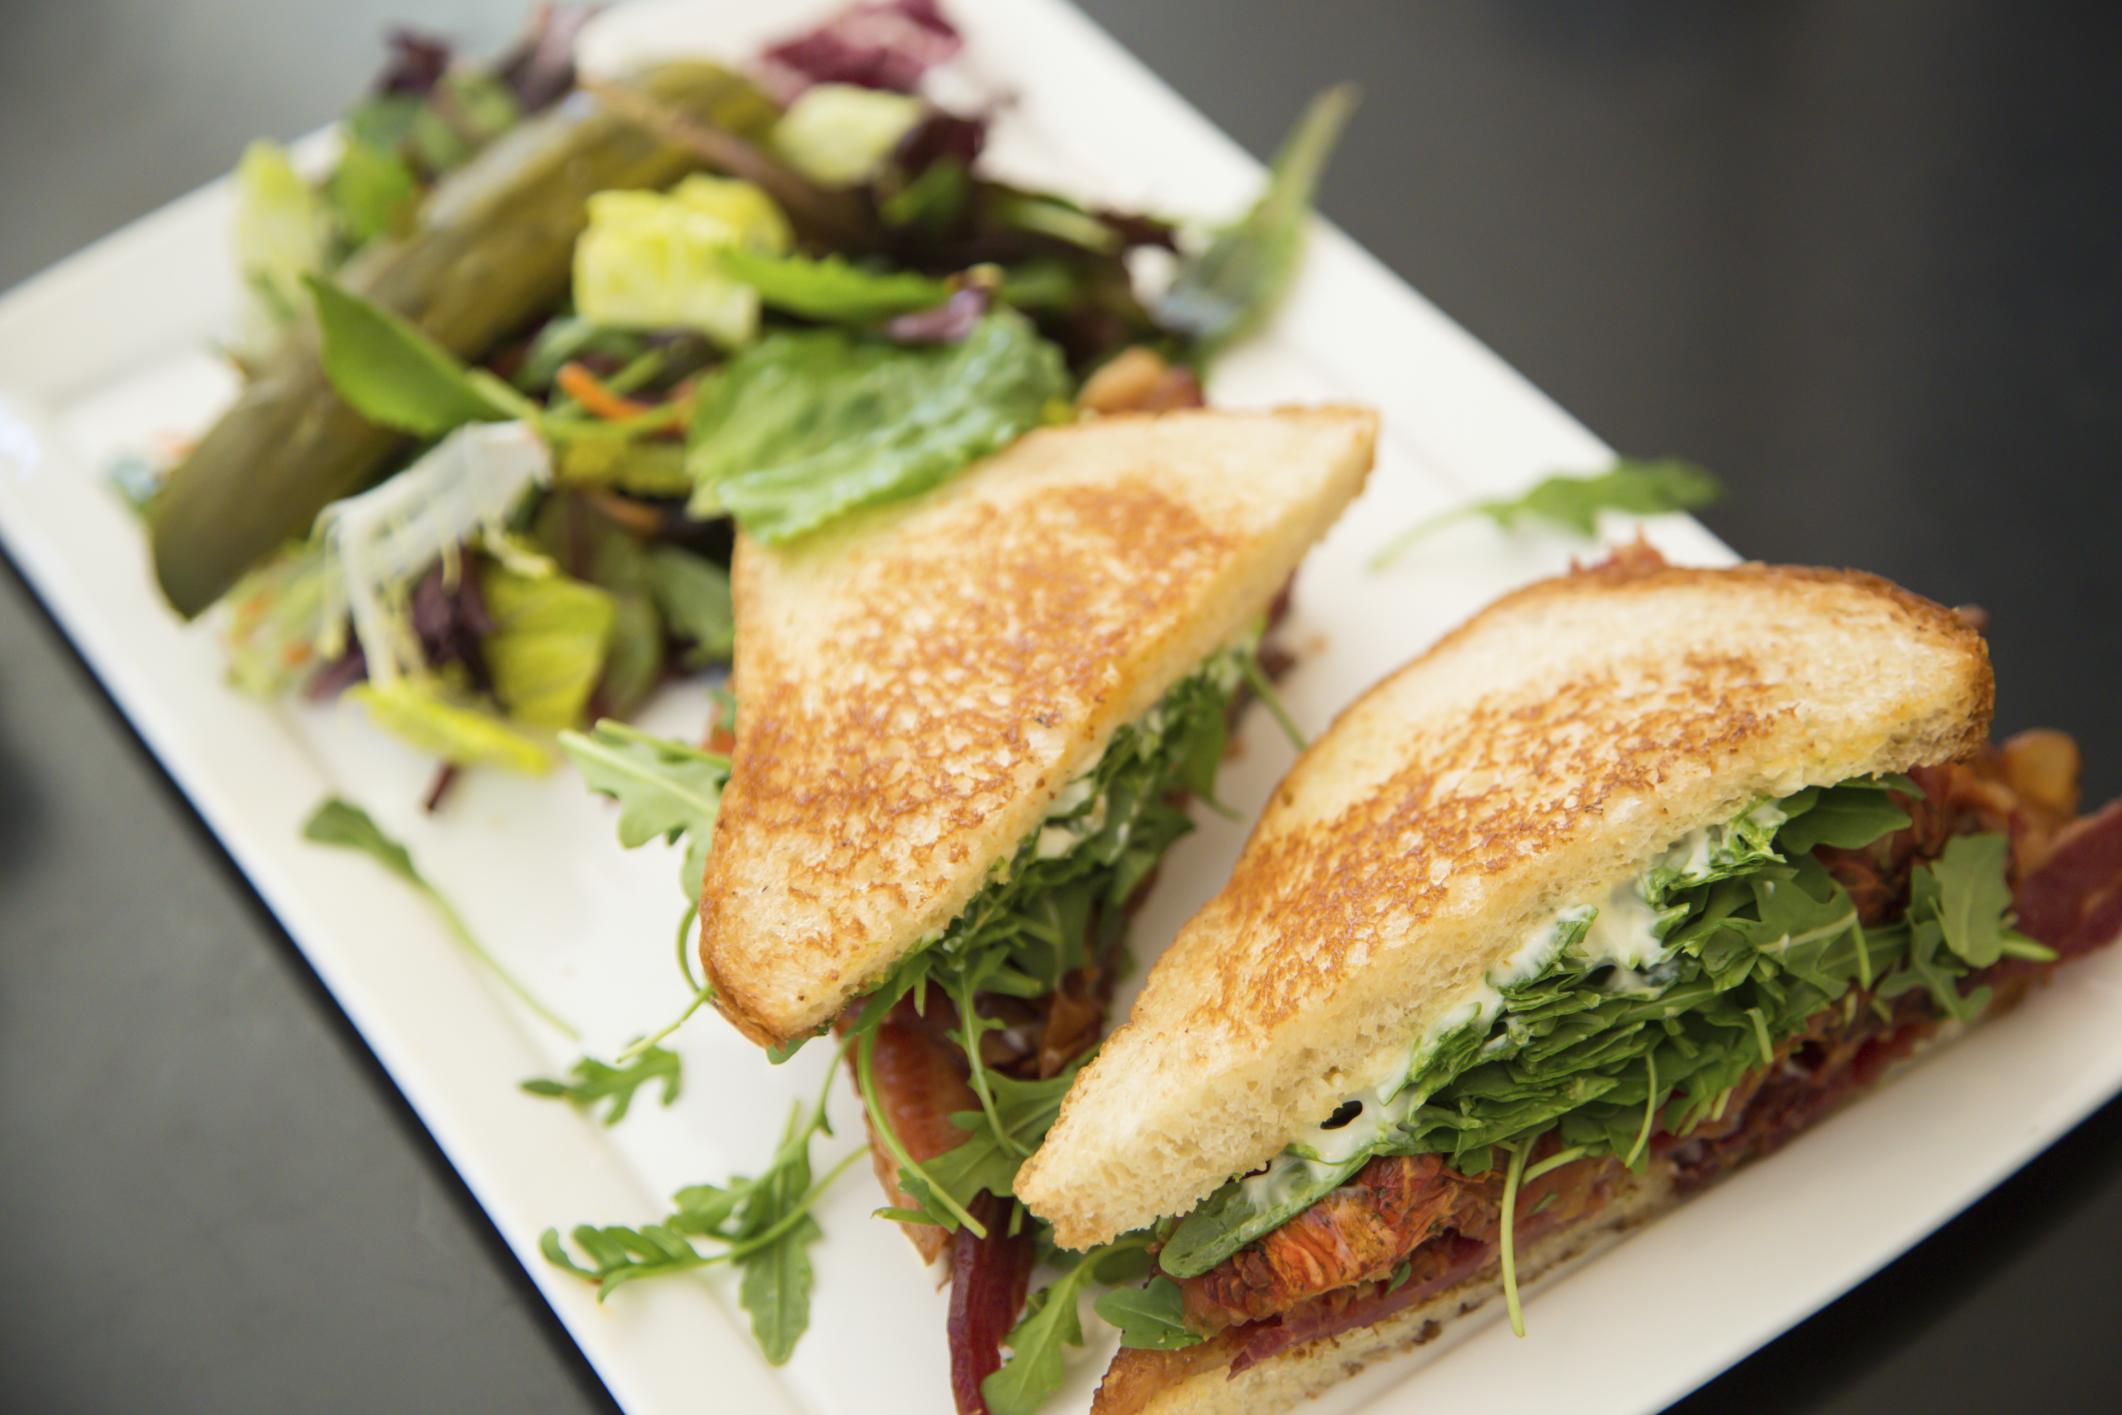 Sándwich de rúcula, tomate y cecina